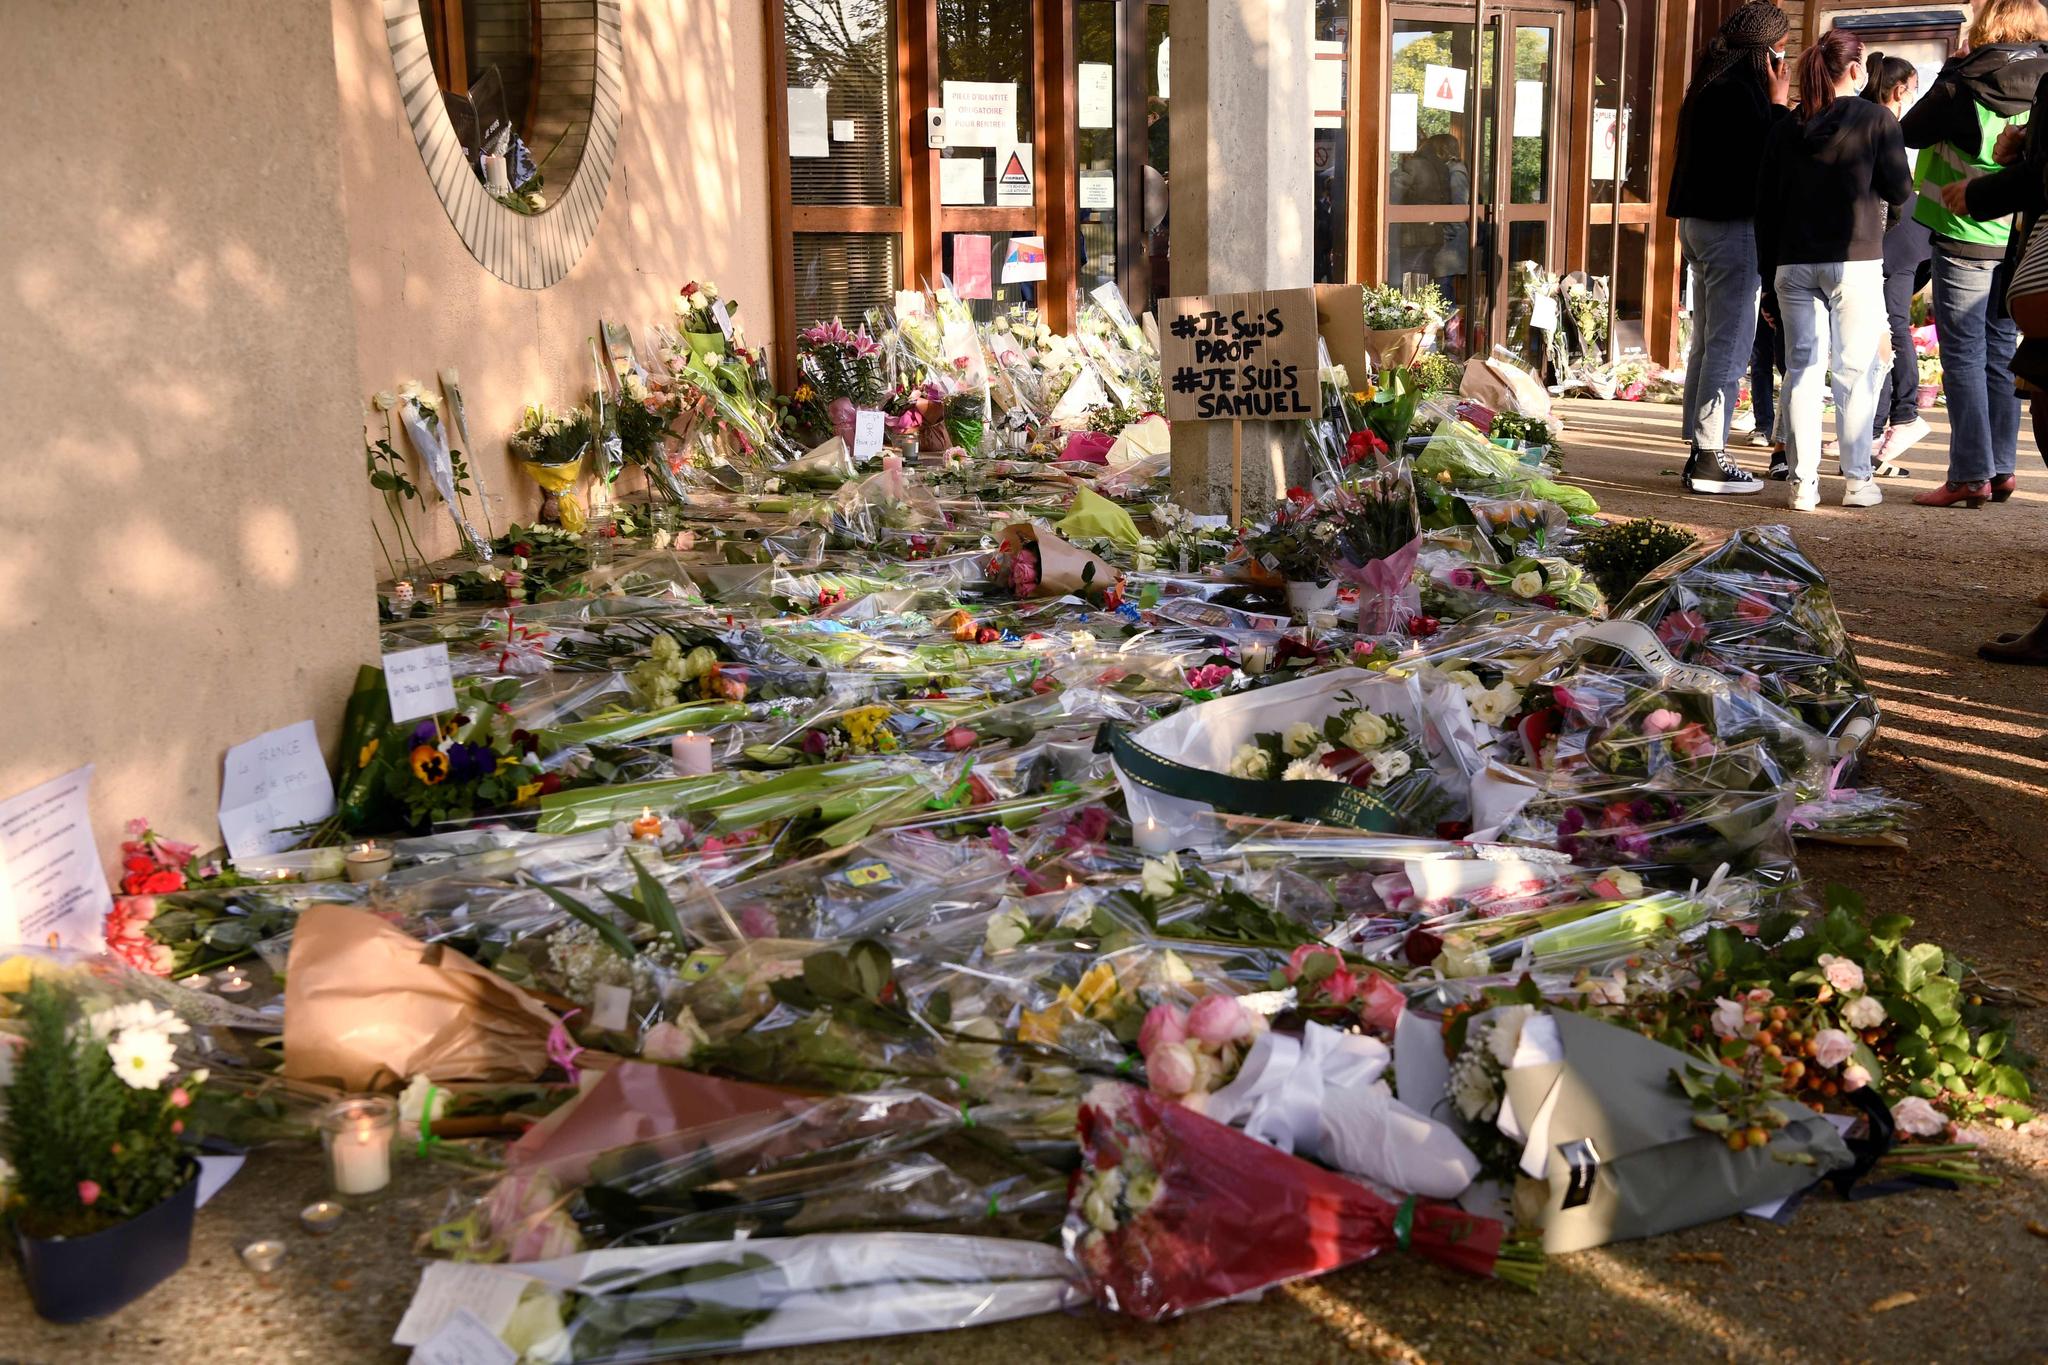 17일(현지시간) 프랑스 파리에서 북서쪽으로 30㎞ 떨어진 이블린주 콩플랑 생토노린 학교 인근에서 발생한 중학교 역사 교사 참수 사건과 관련, '나는 교사다, 나는 사뮤엘이다'라고 적힌 꽃과 플래카드가 학교 앞에 놓여있다. AFP=연합뉴스